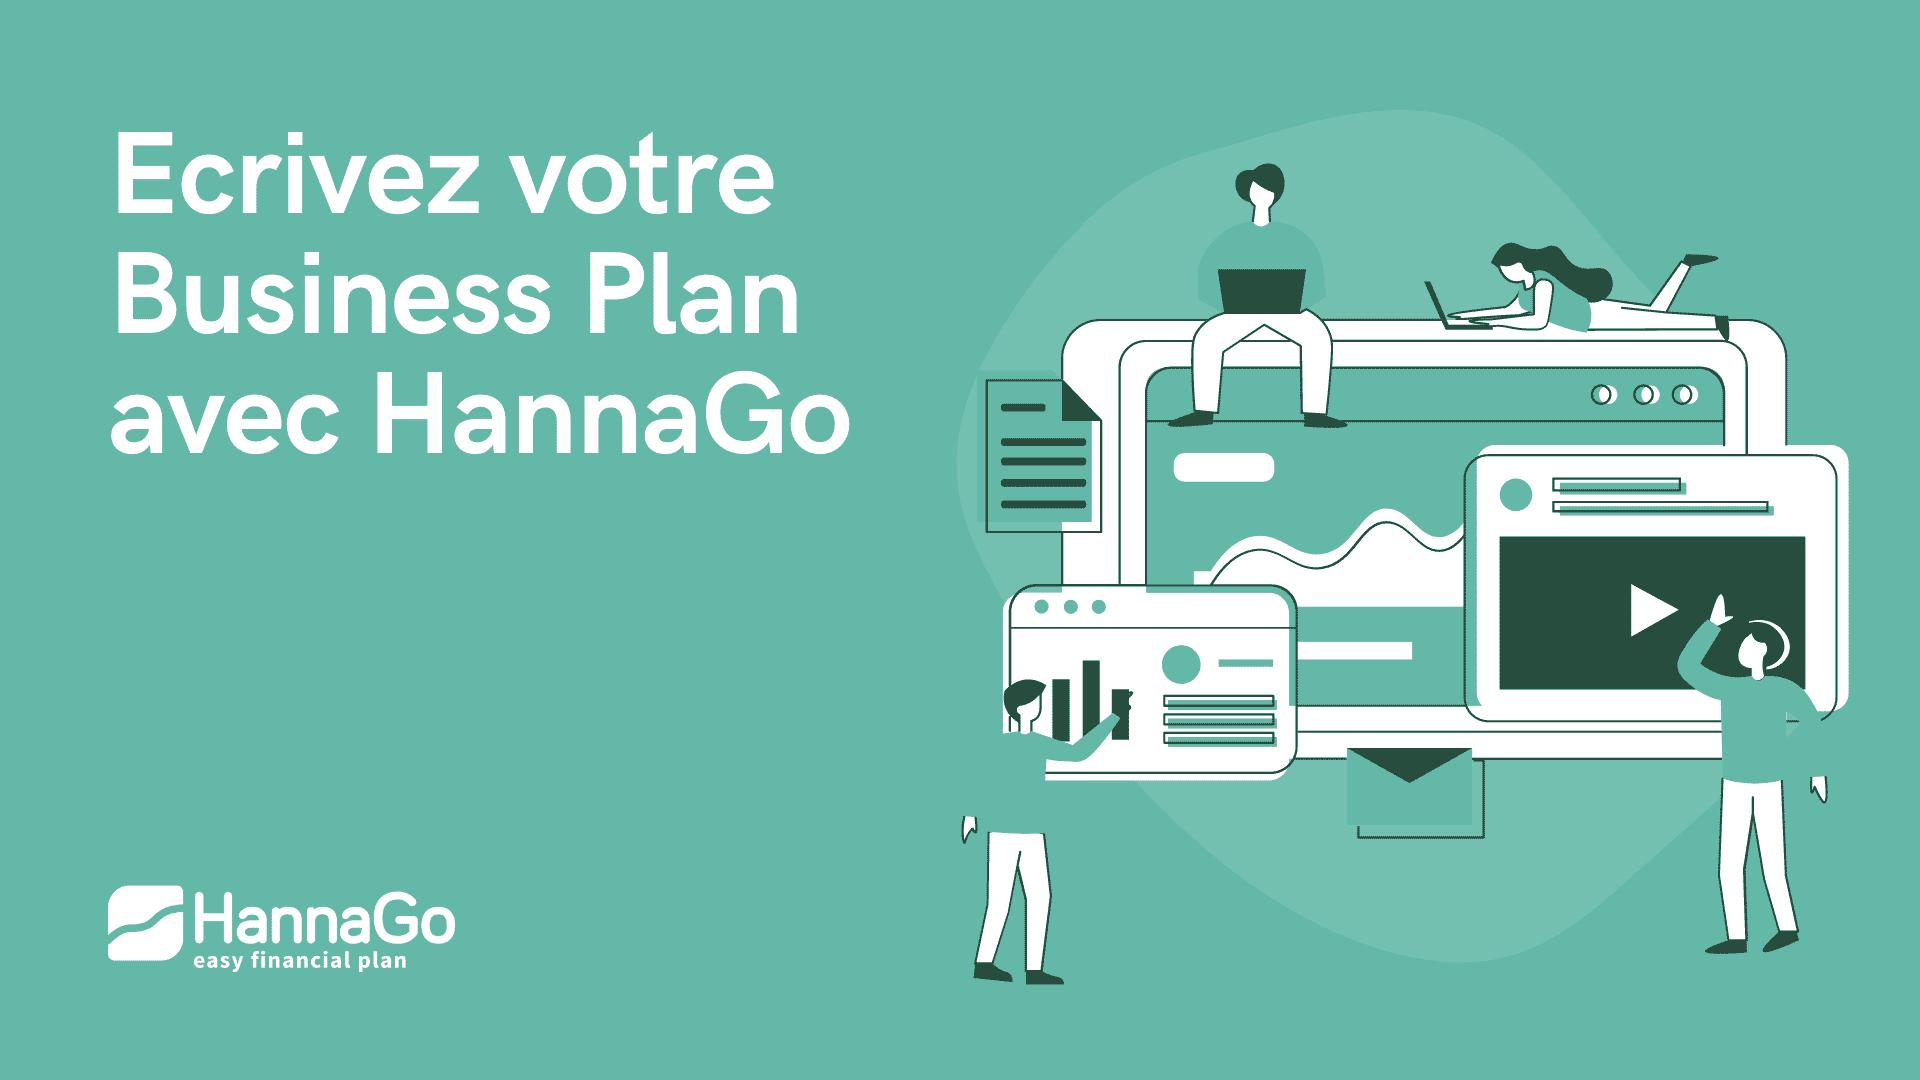 Ecrivez votre business plan avec HannaGI